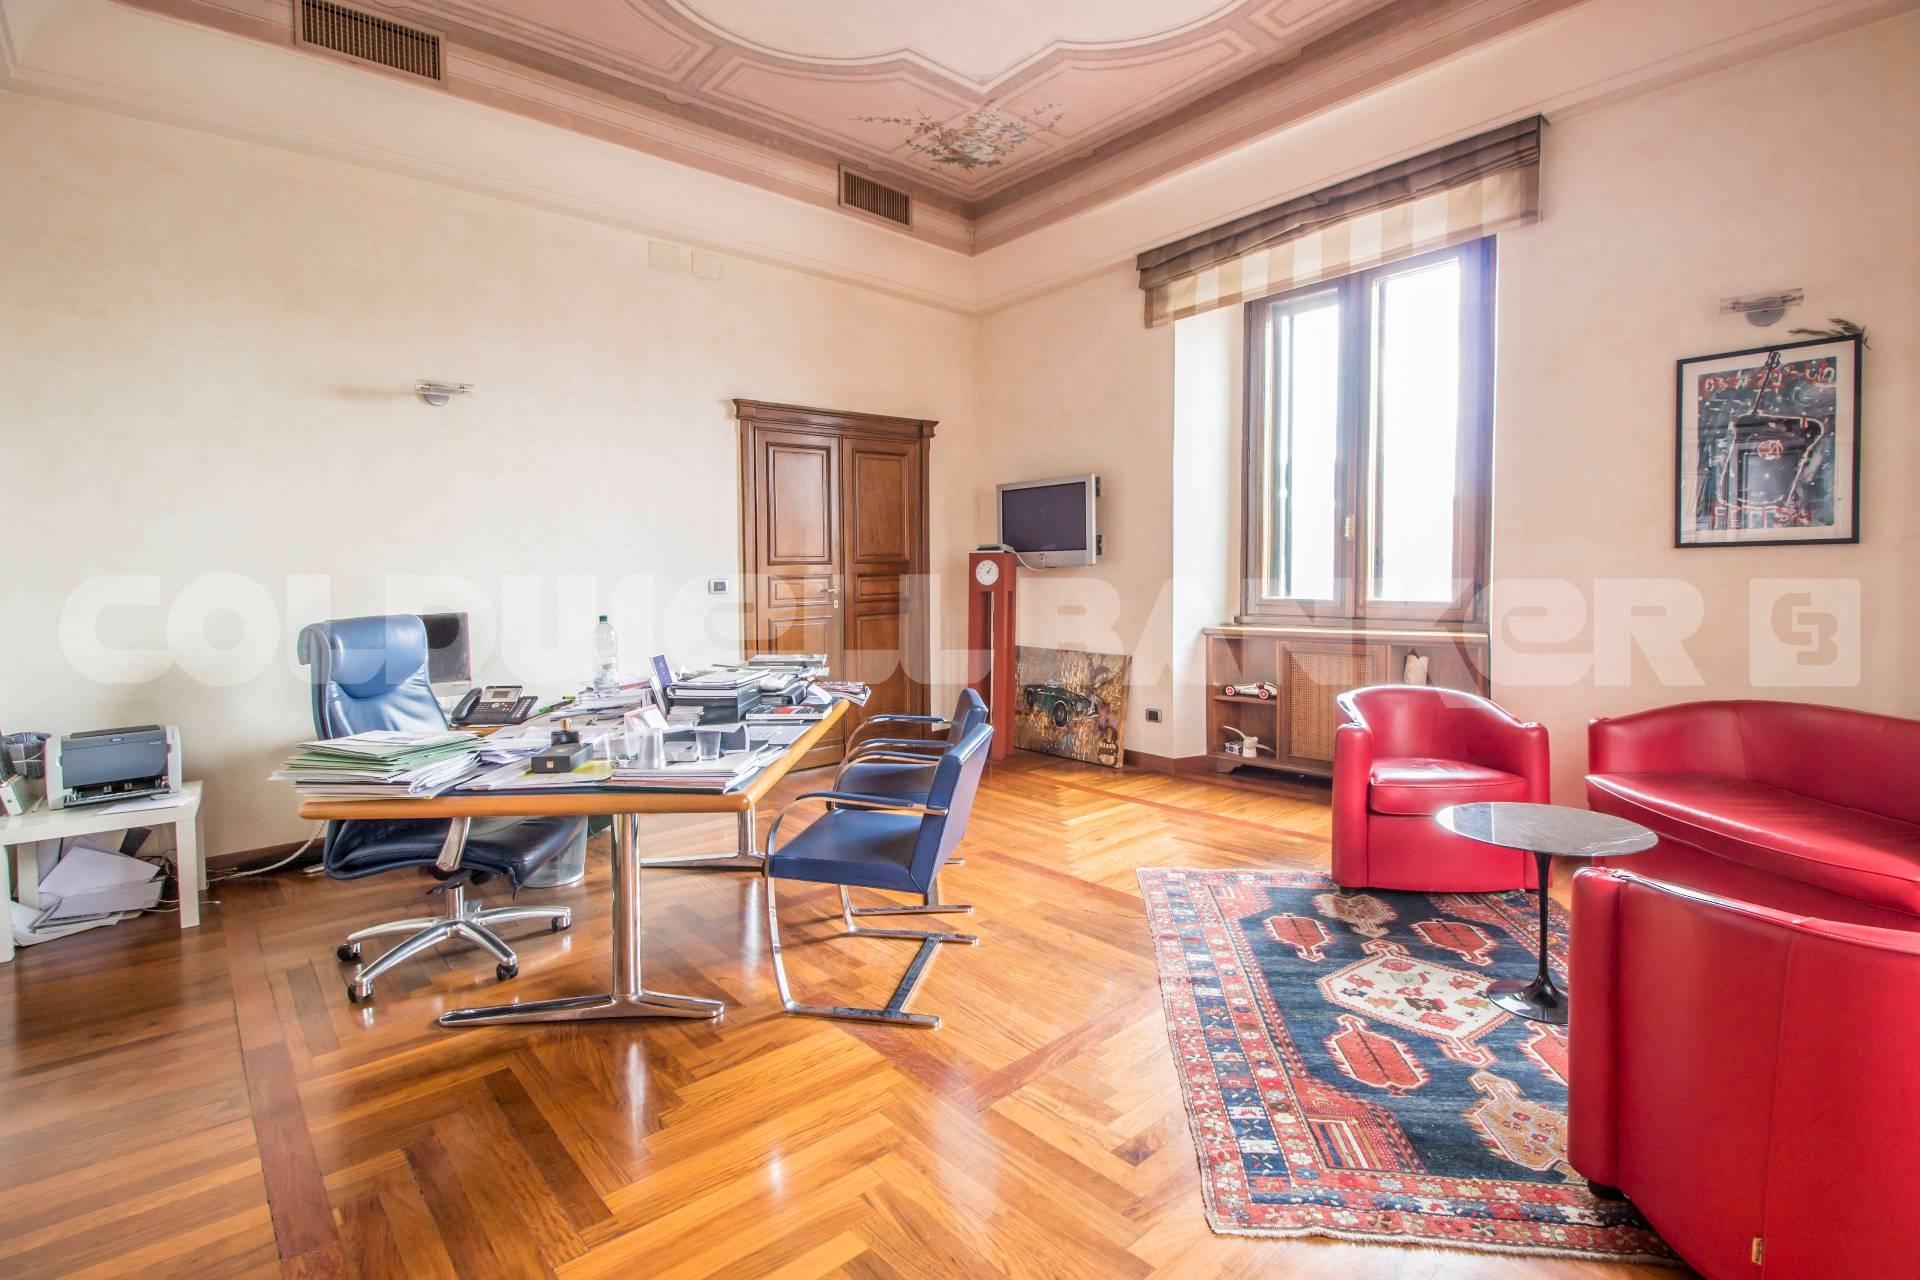 Cbi072 ex1069 ufficio in affitto a roma flaminio for Affitto ufficio roma flaminio